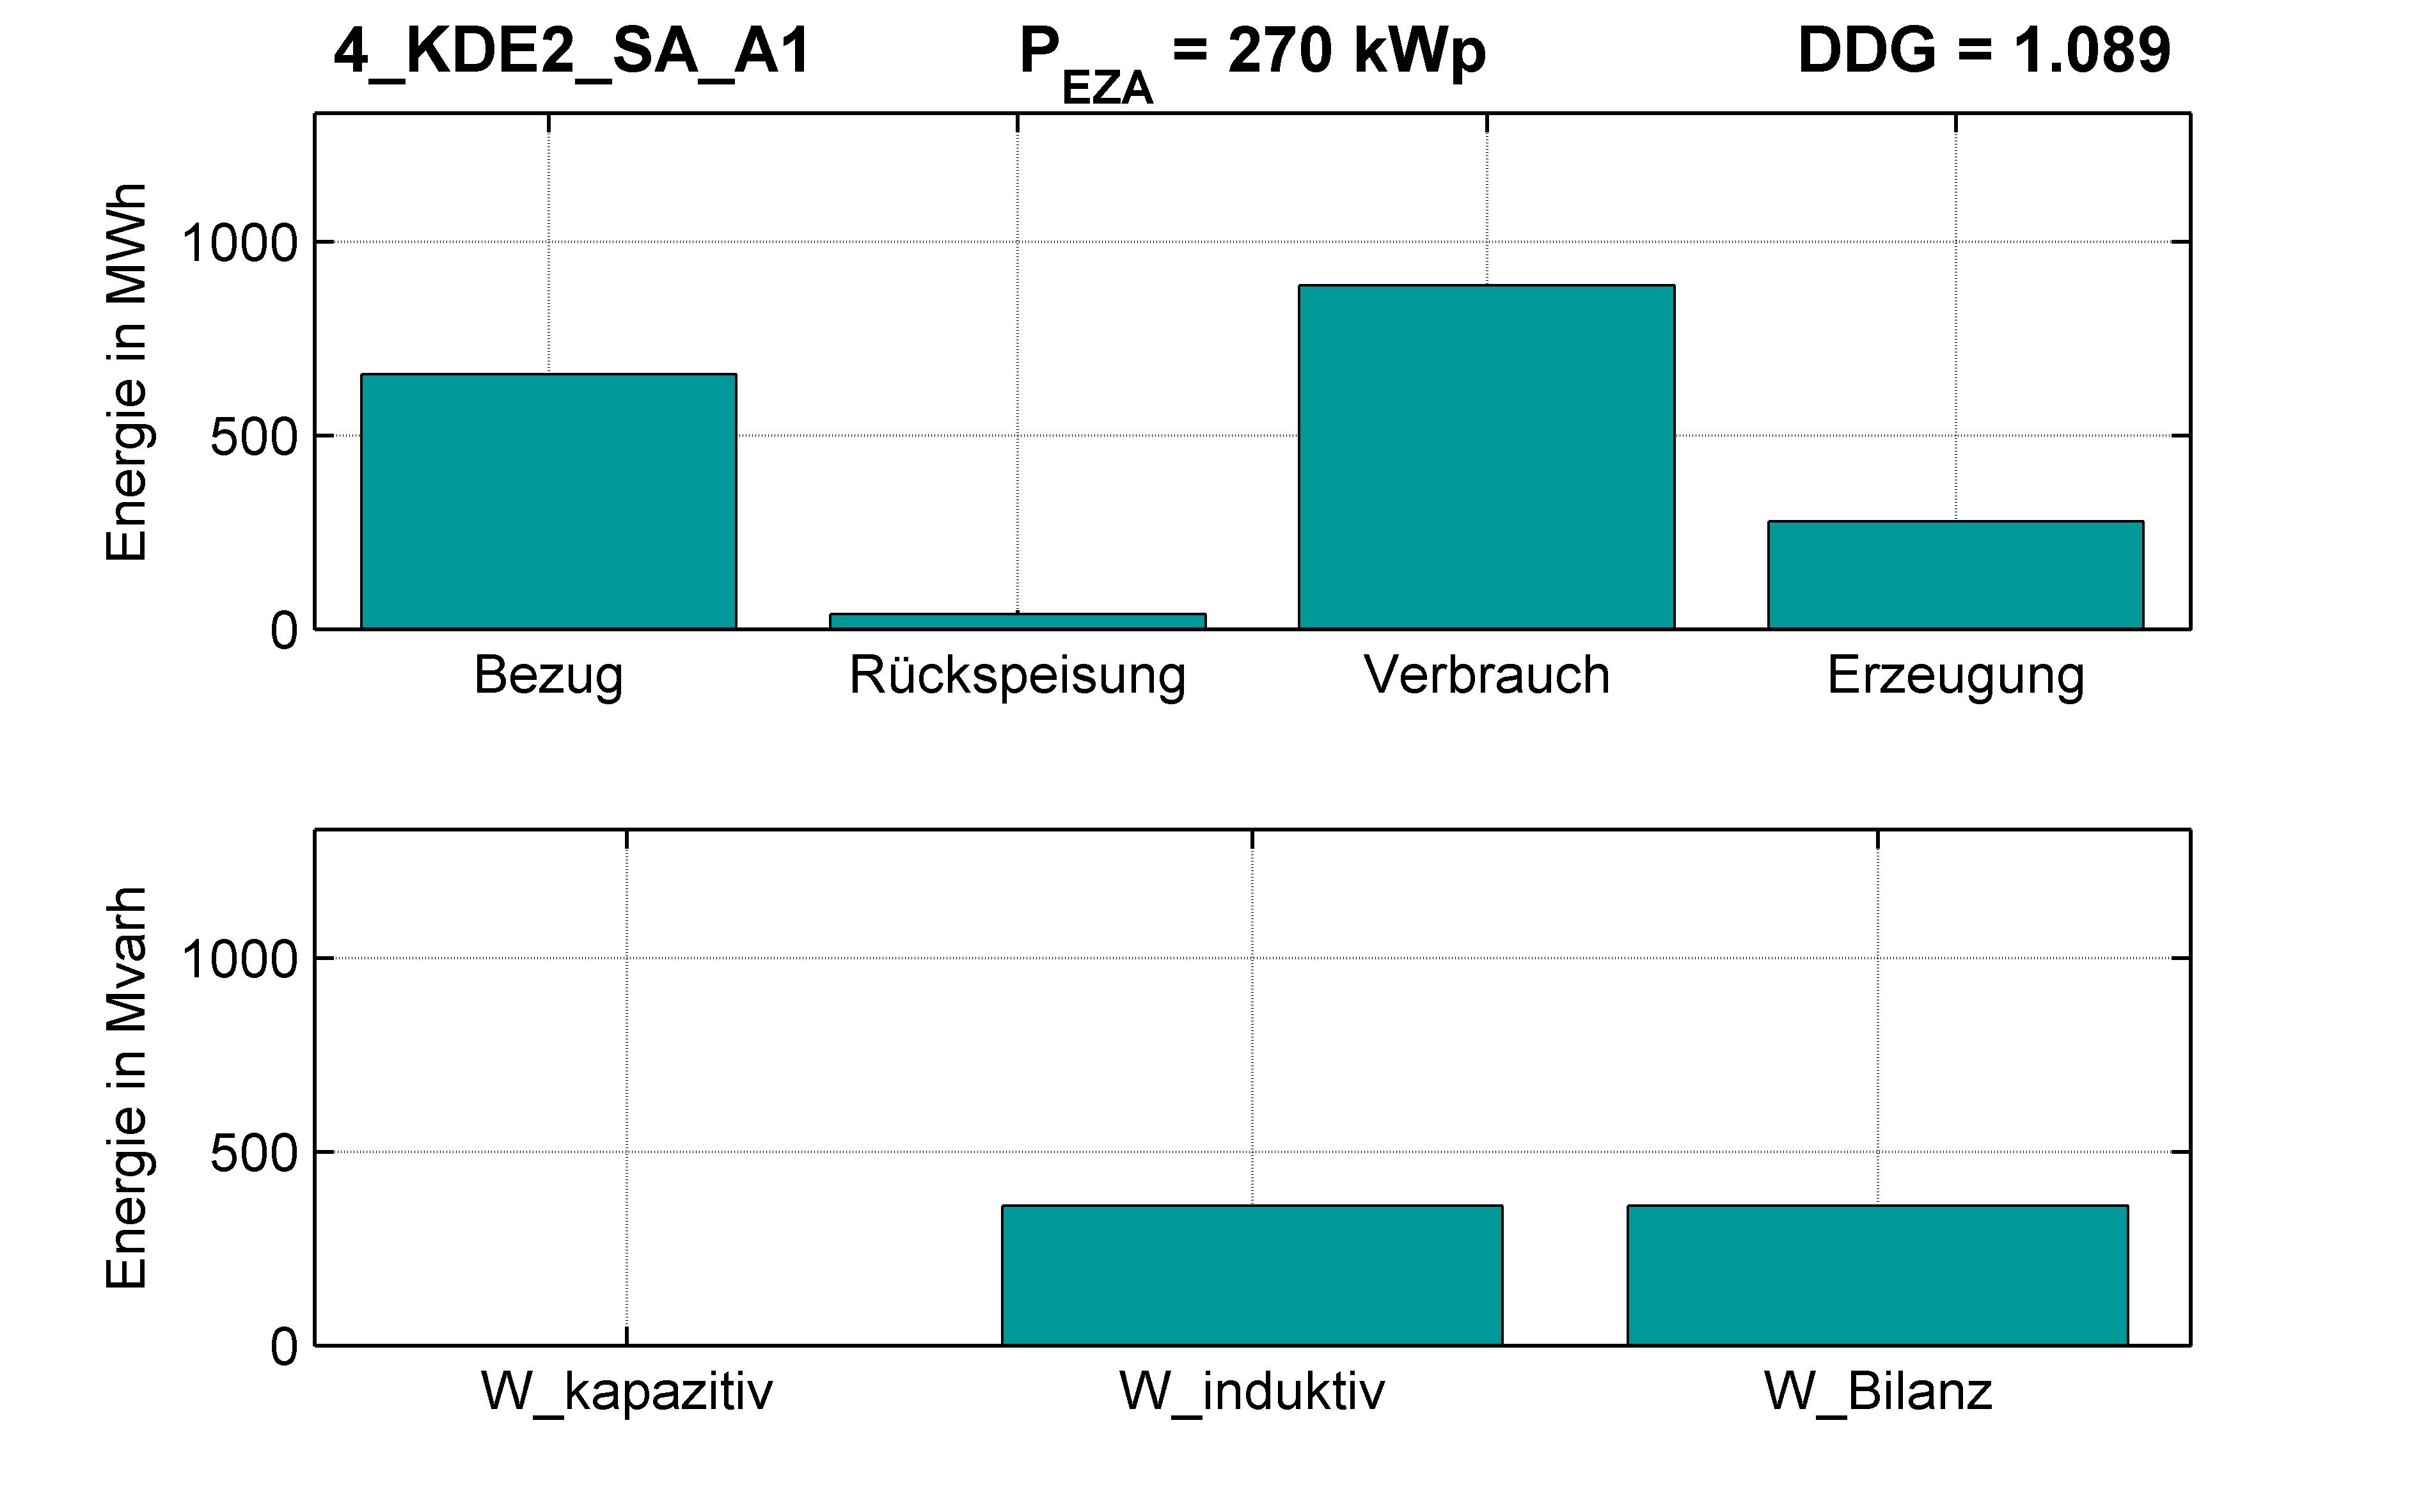 KDE2 | P-Kappung 55% (SA) A1 | PQ-Bilanz